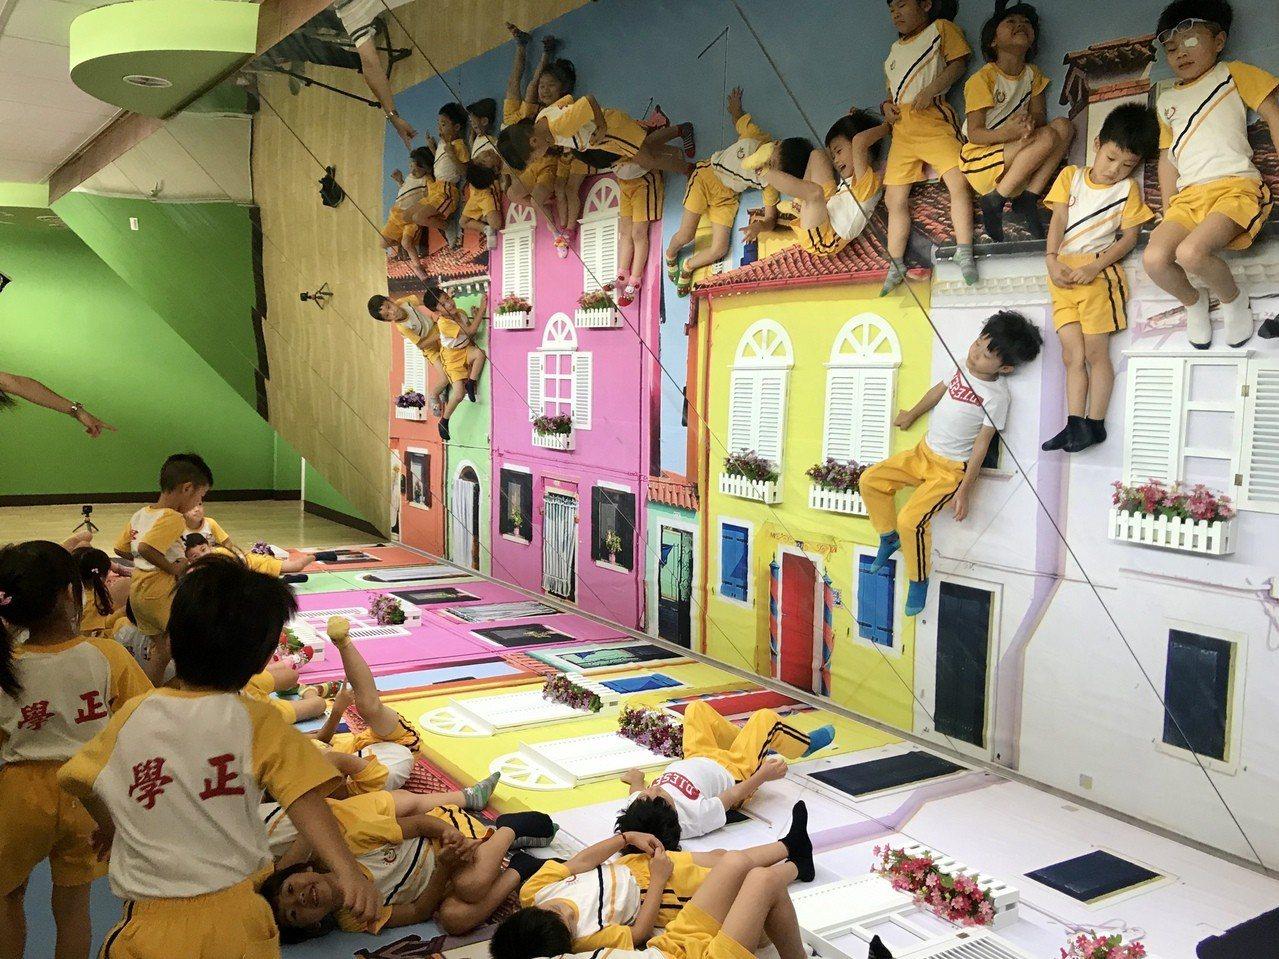 屏東藝術館3樓義大利彩色島的鏡射屋,讓小朋友能彷彿飄浮在空中。記者江國豪/攝影